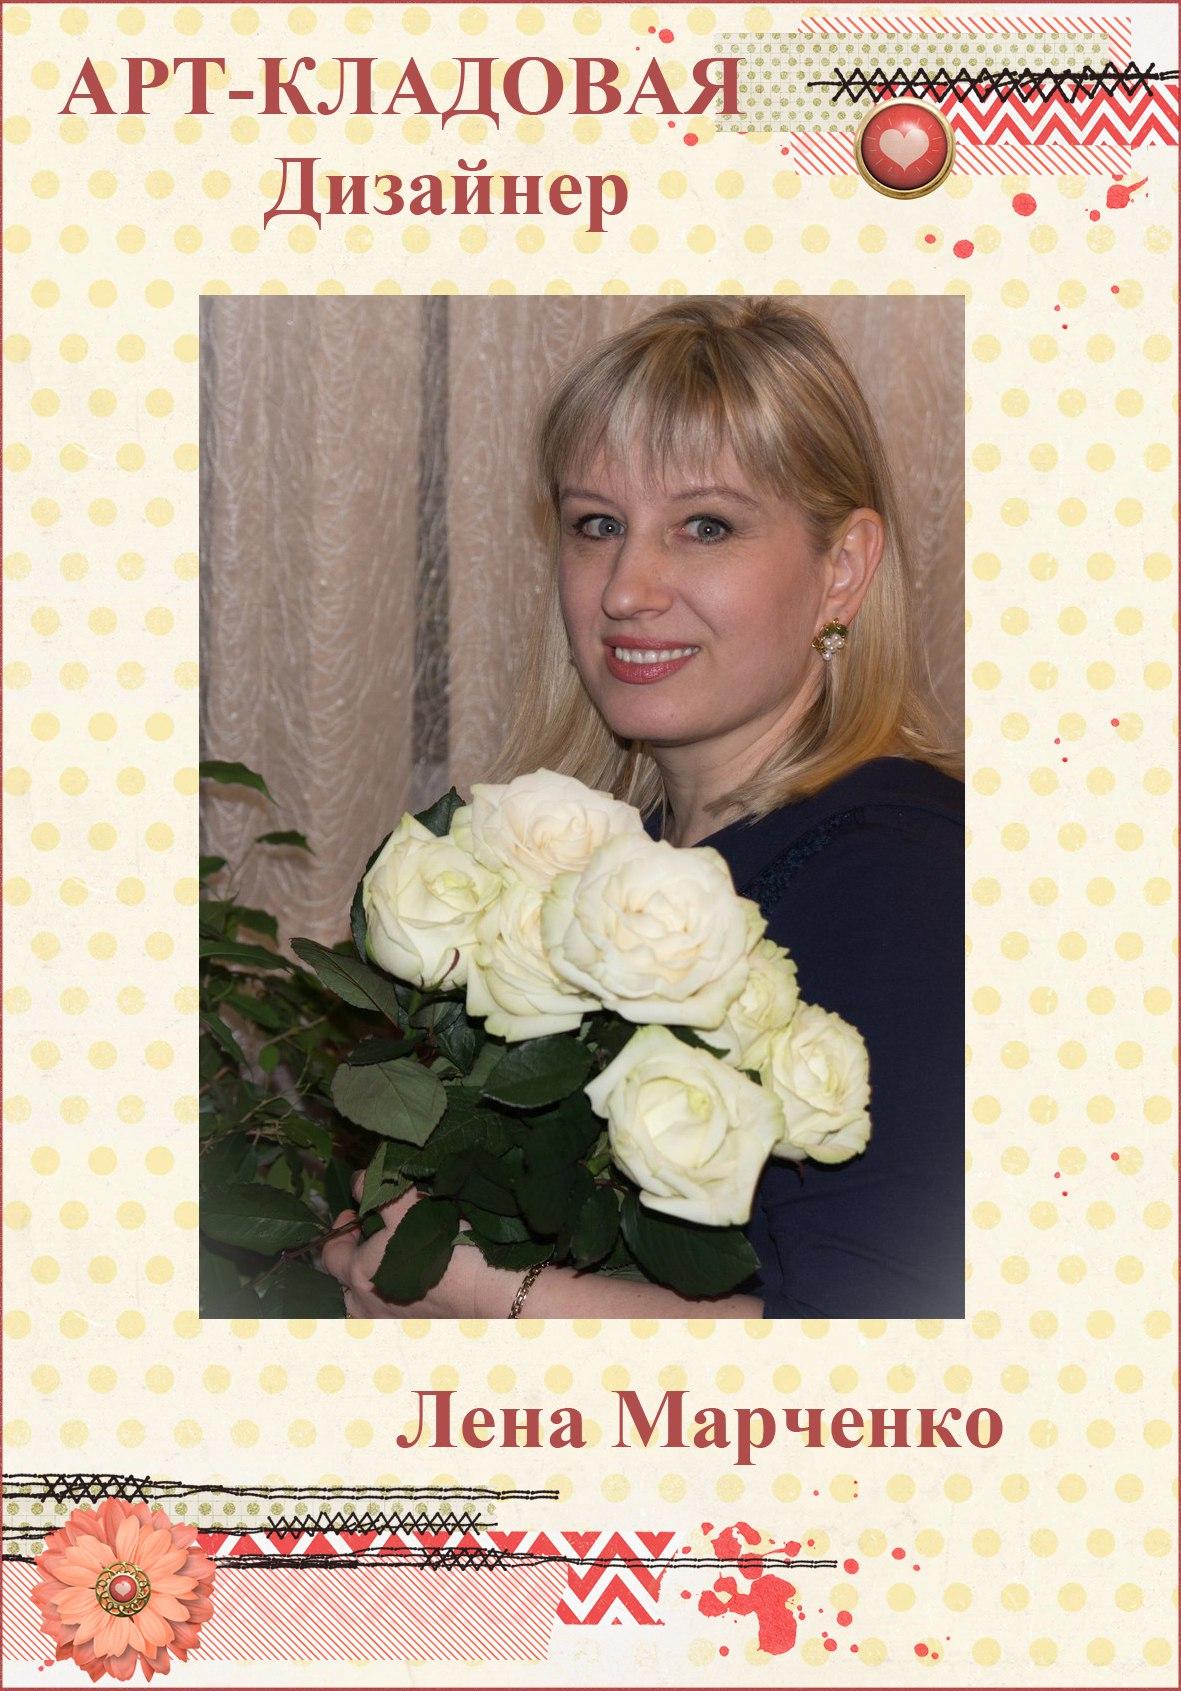 Лена Марченко